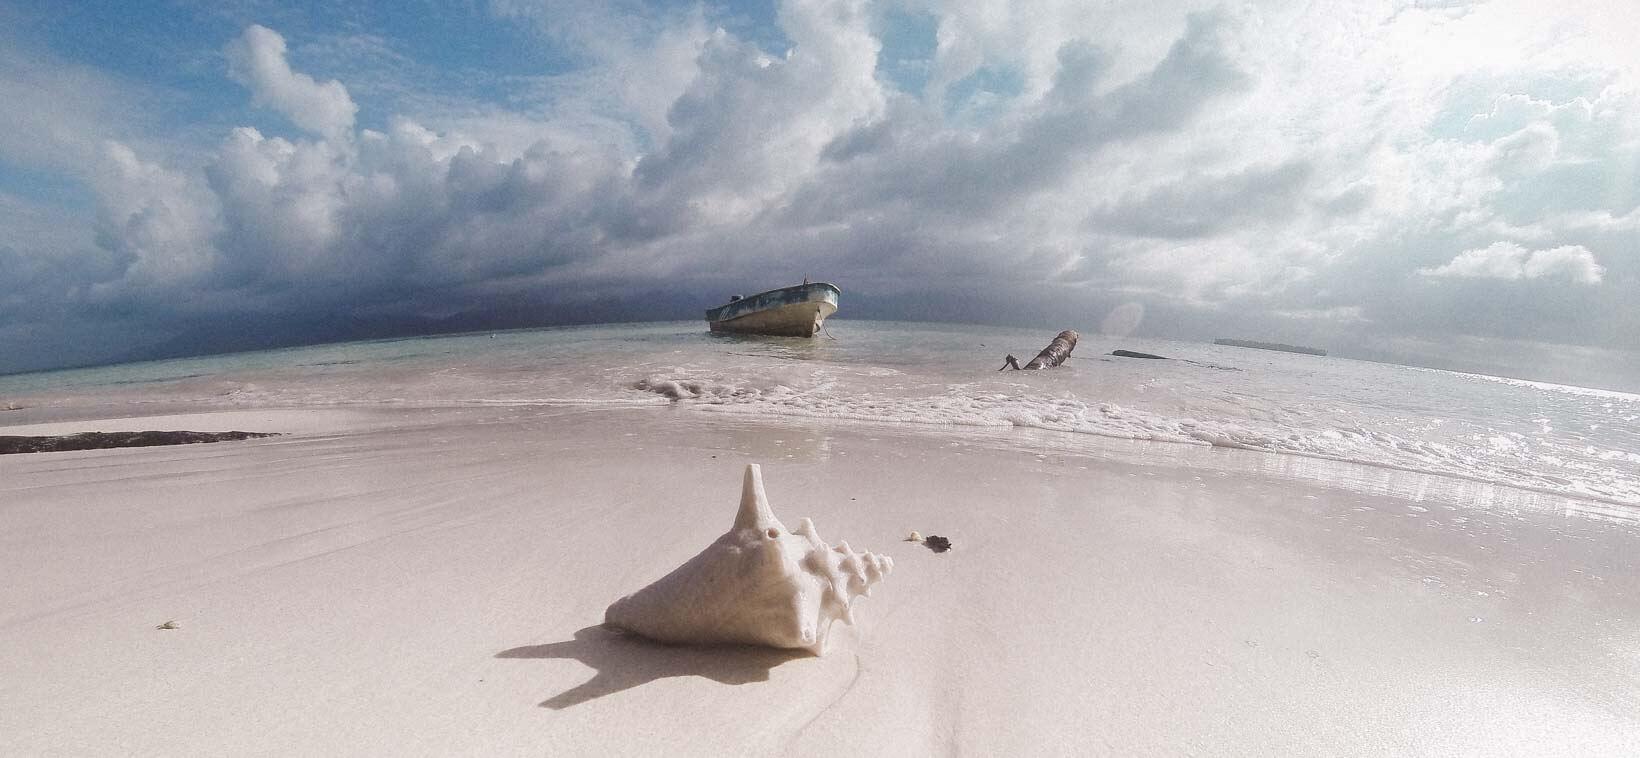 San Blas Islands Pelican island